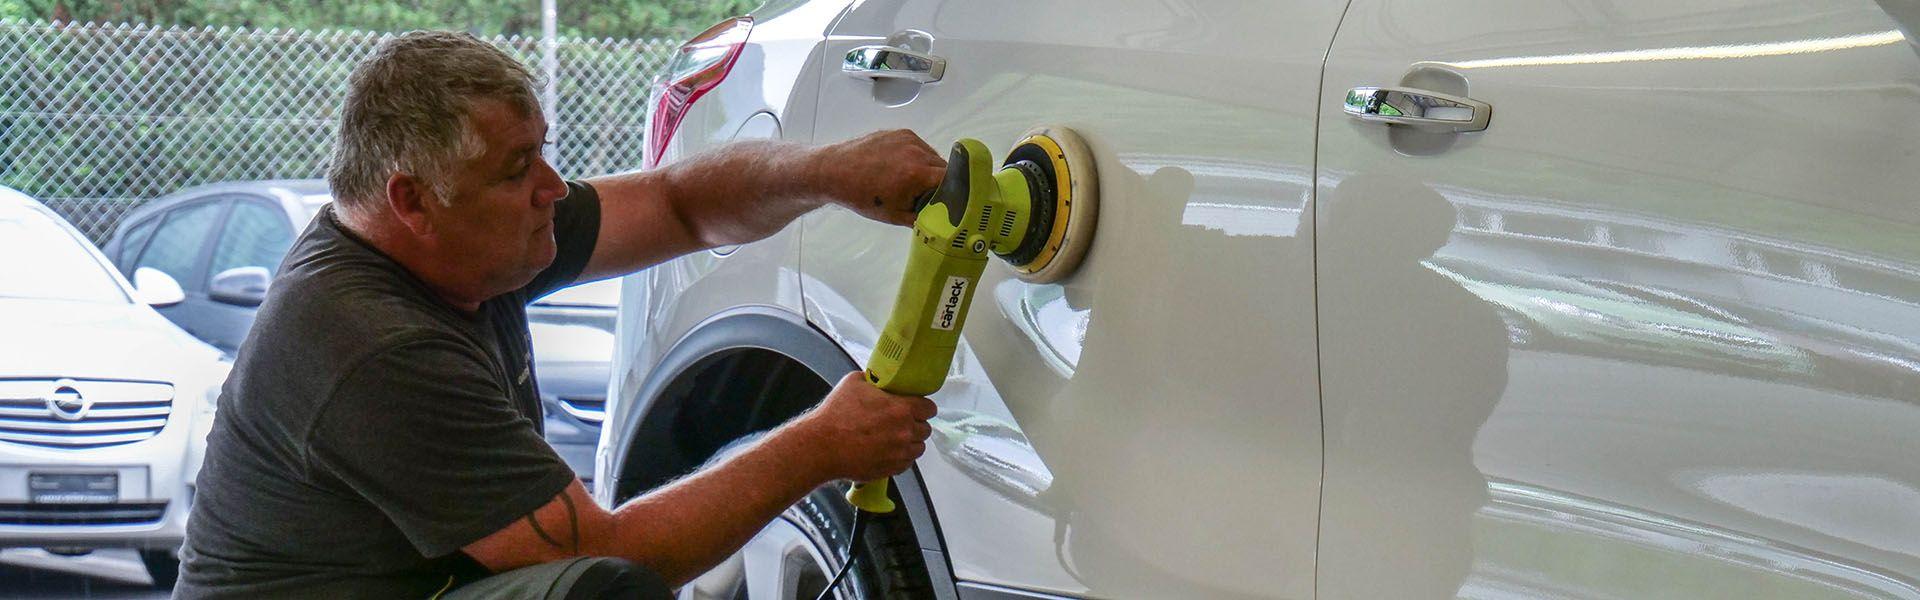 Fahrzeugaufbereitung / Autopflege